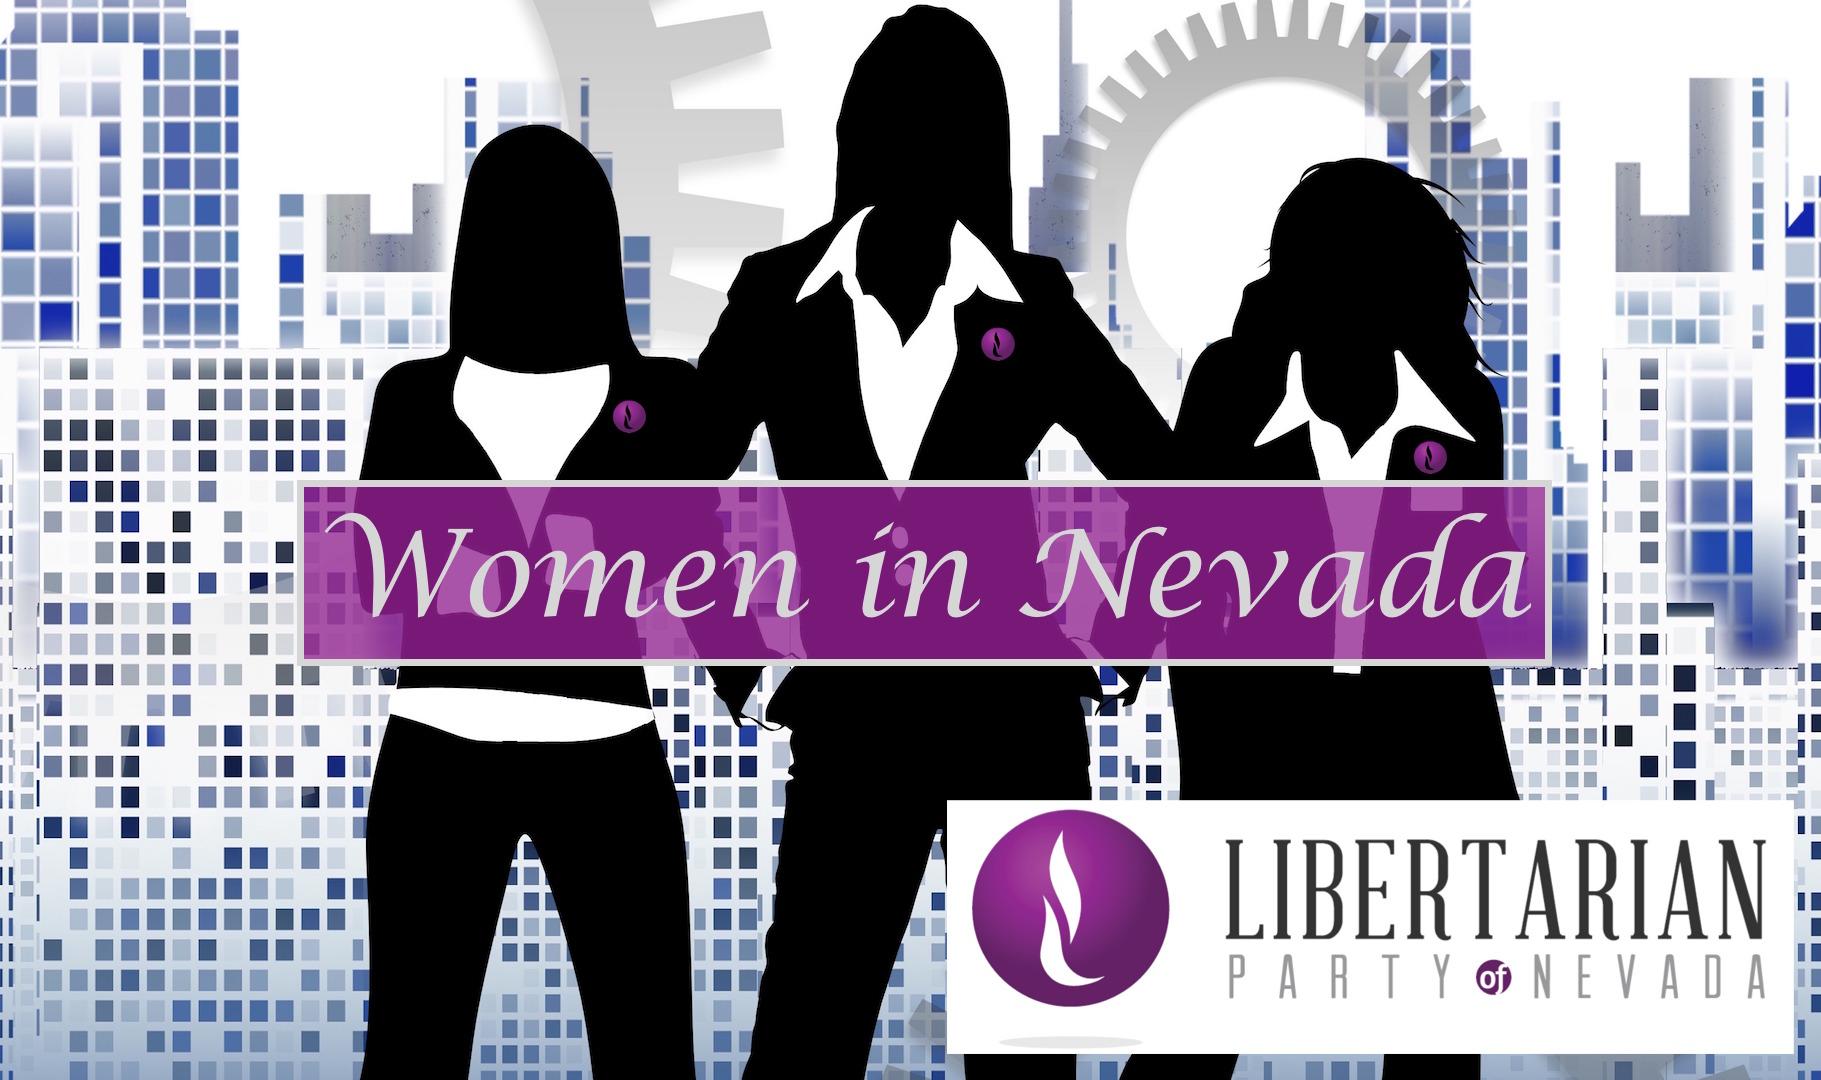 Women_in_Nevada.jpeg